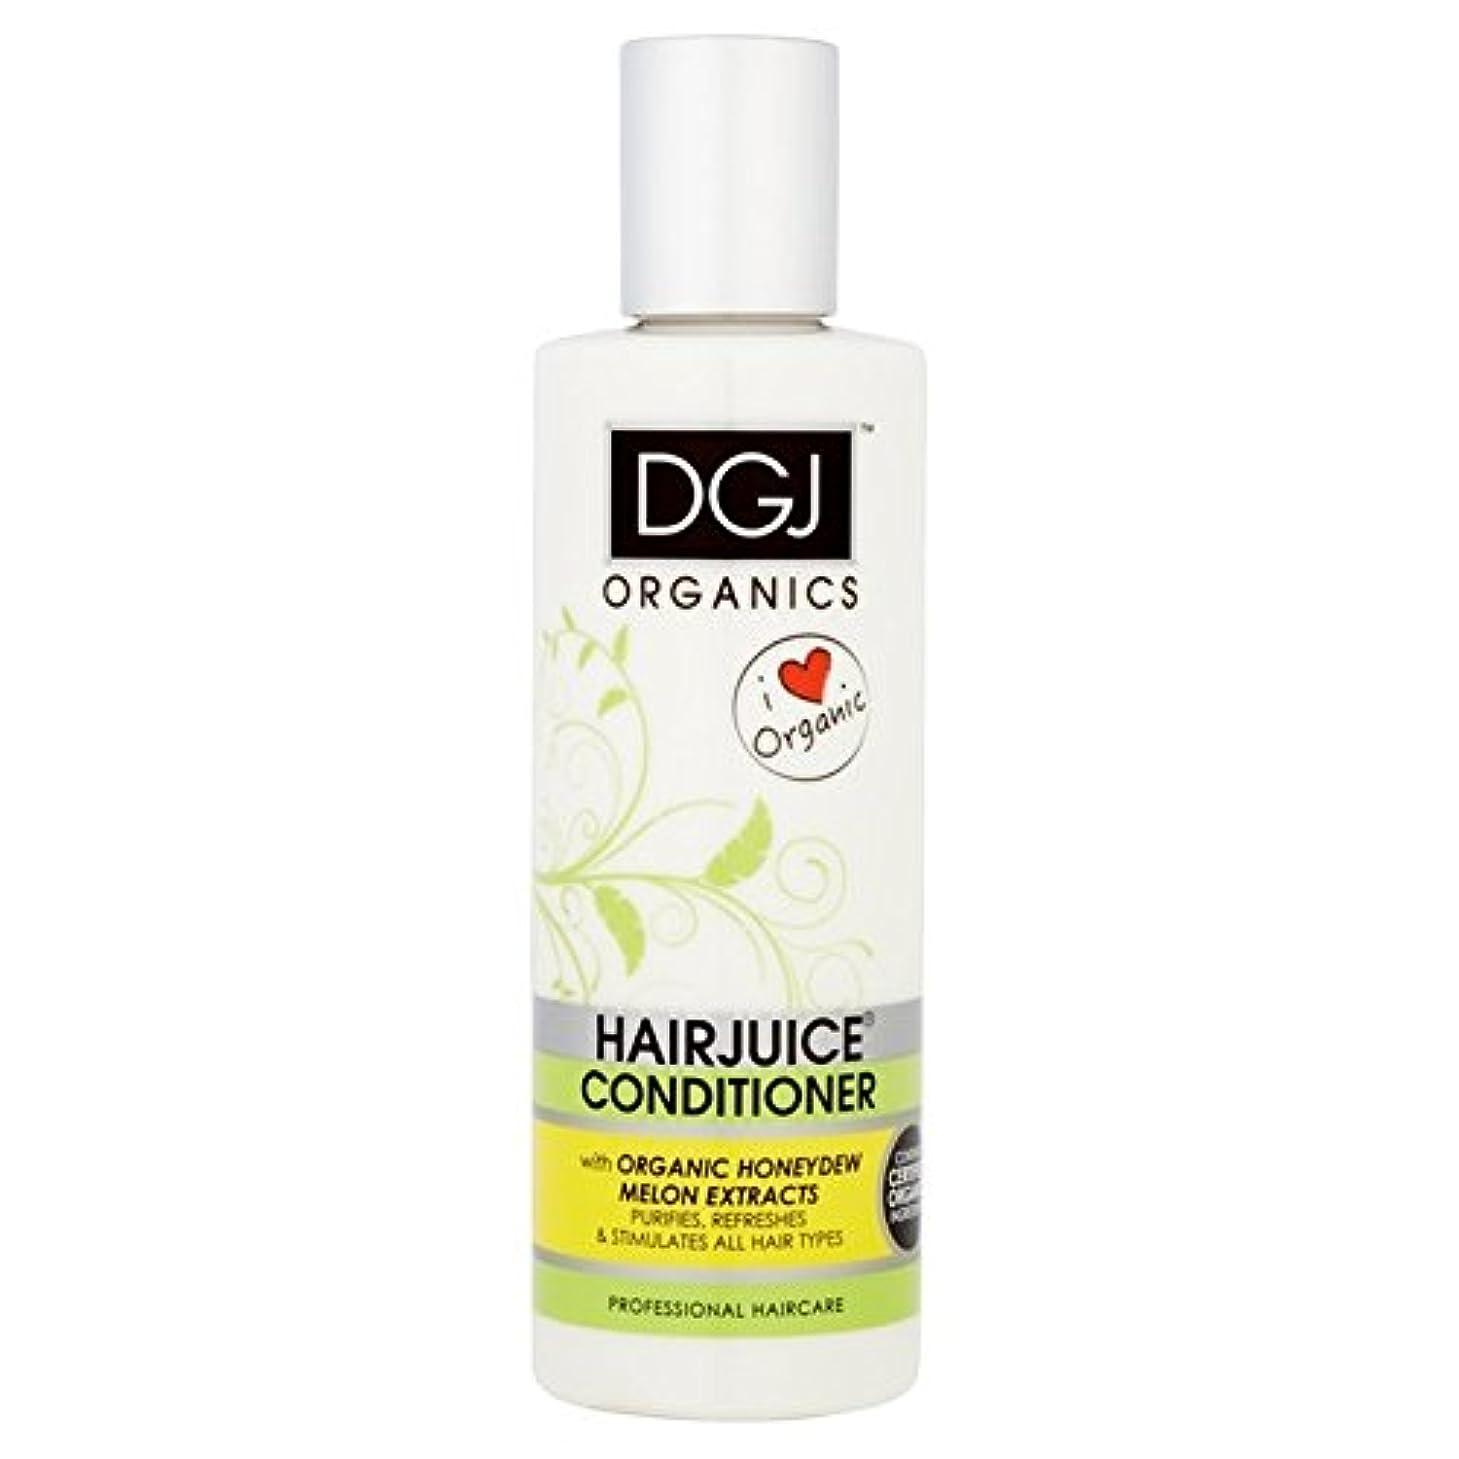 くつろぎ蒸し器山岳有機メロンコンディショナー250 x4 - DGJ Organic Hairjuice Melon Conditioner 250ml (Pack of 4) [並行輸入品]